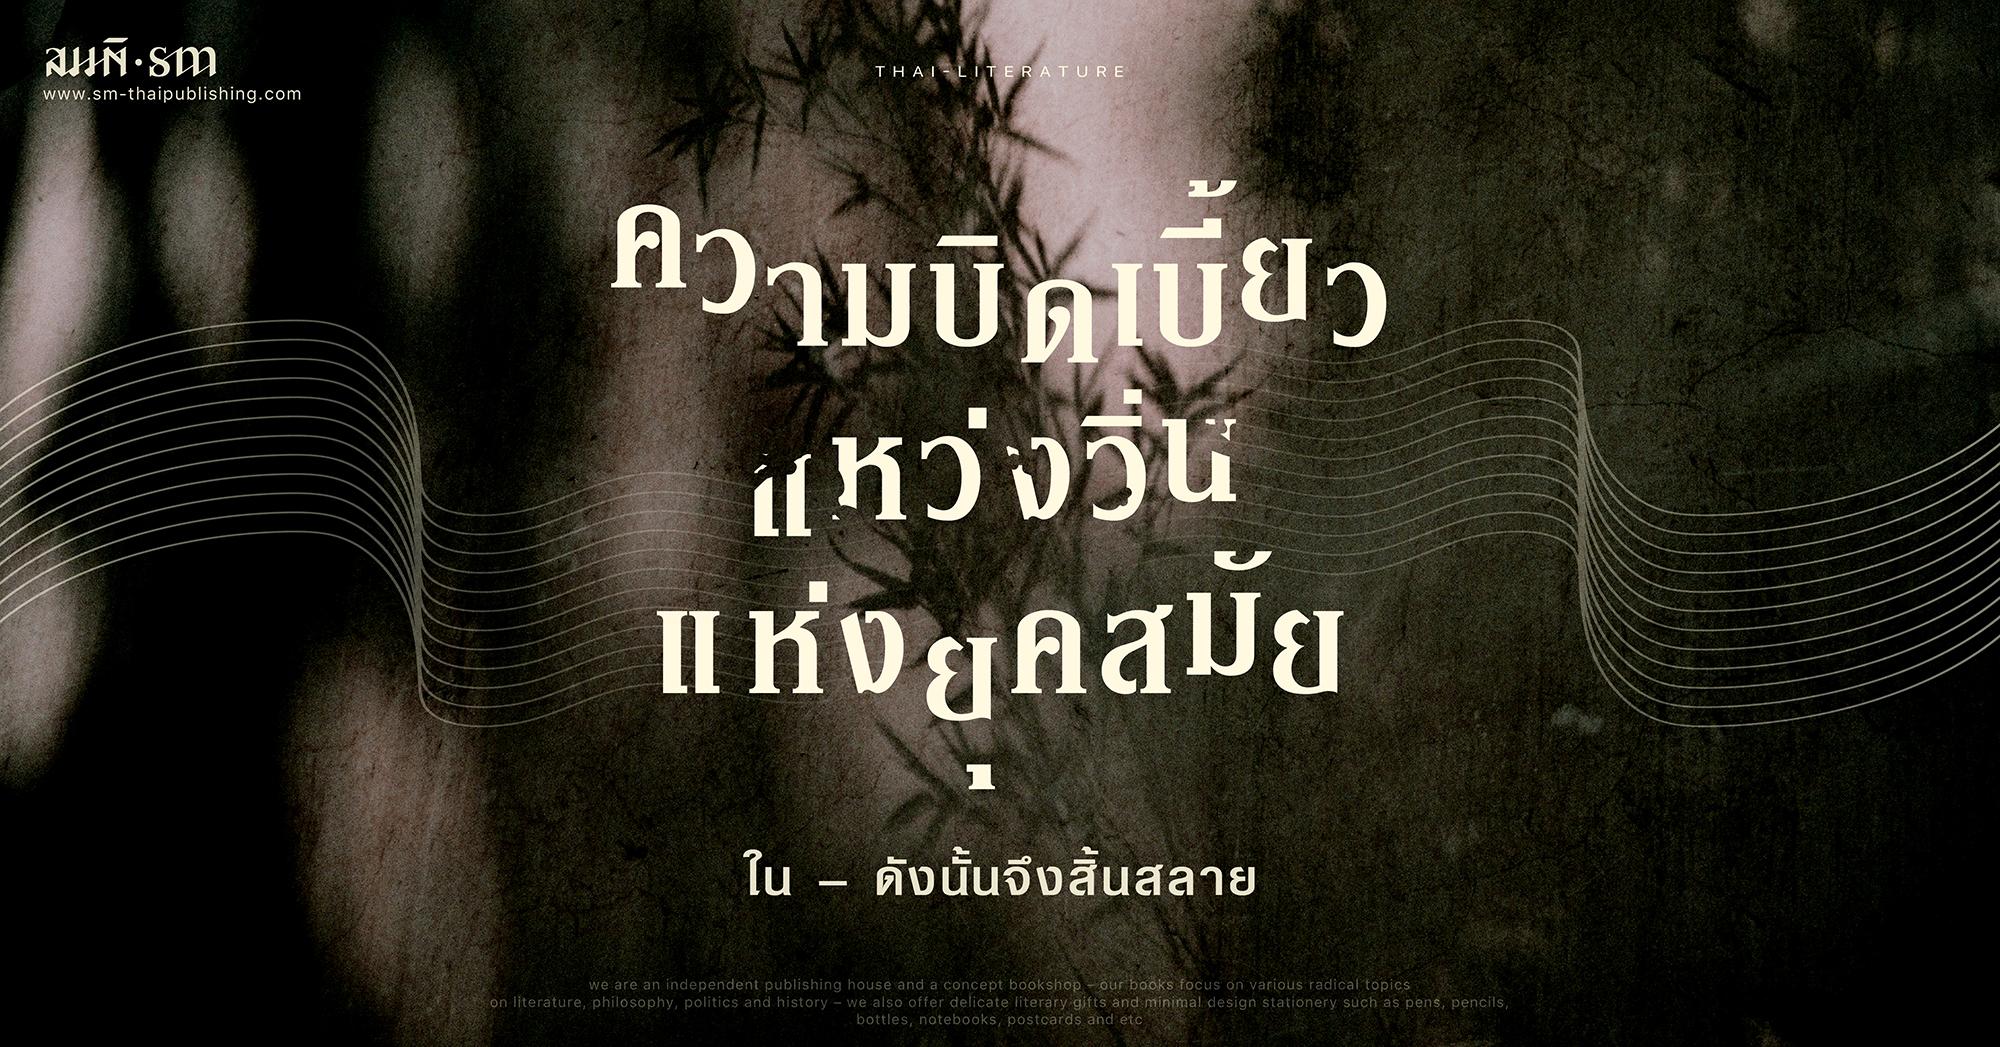 บทวิจารณ์หนังสือ | นวนิยายไทยร่วมสมัย 'ดังนั้นจึงสิ้นสลาย' | ความบิดเบี้ยวแหว่งวิ่นแห่งยุคสมัย